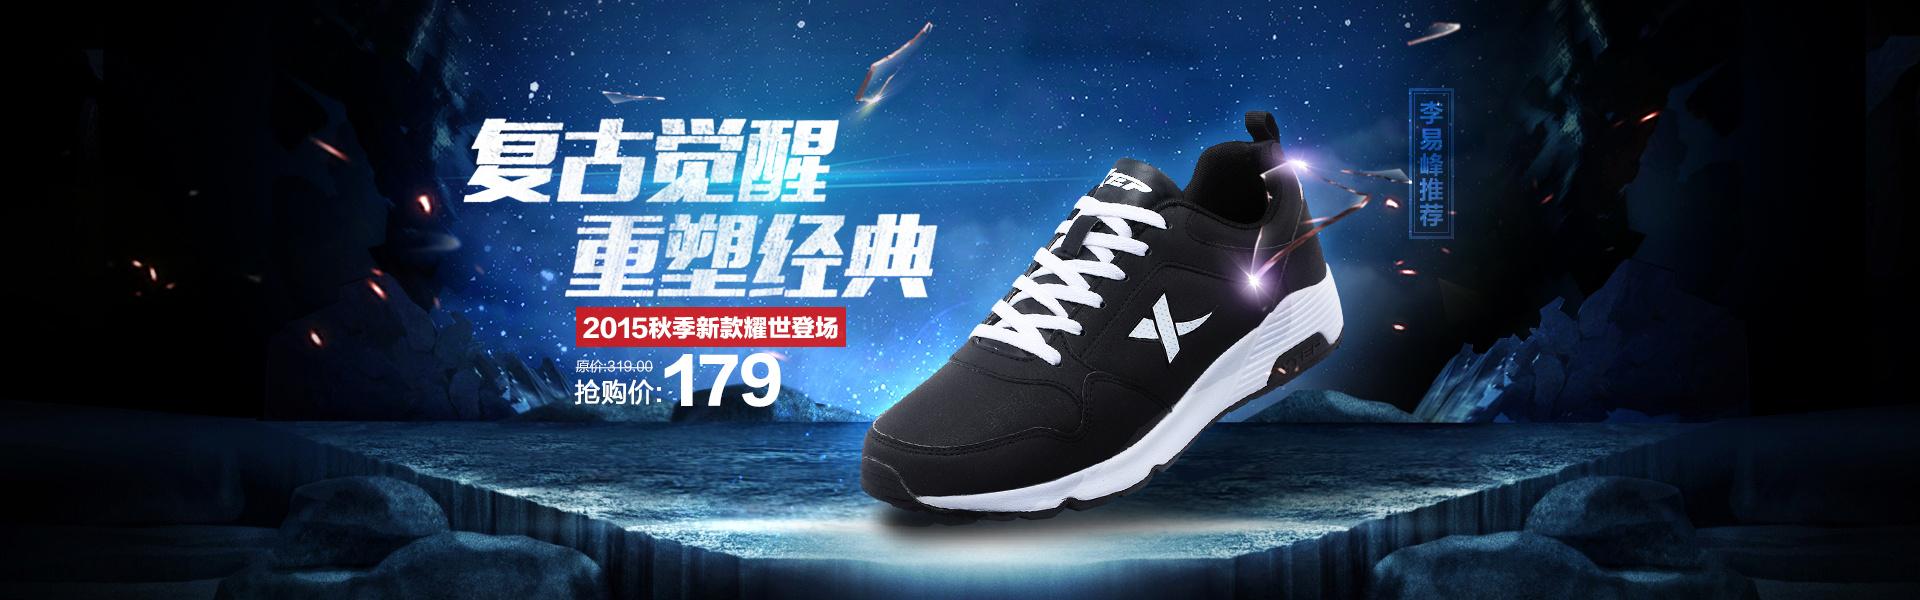 鞋子海报|网页|banner/广告图|_小一 - 原创作品